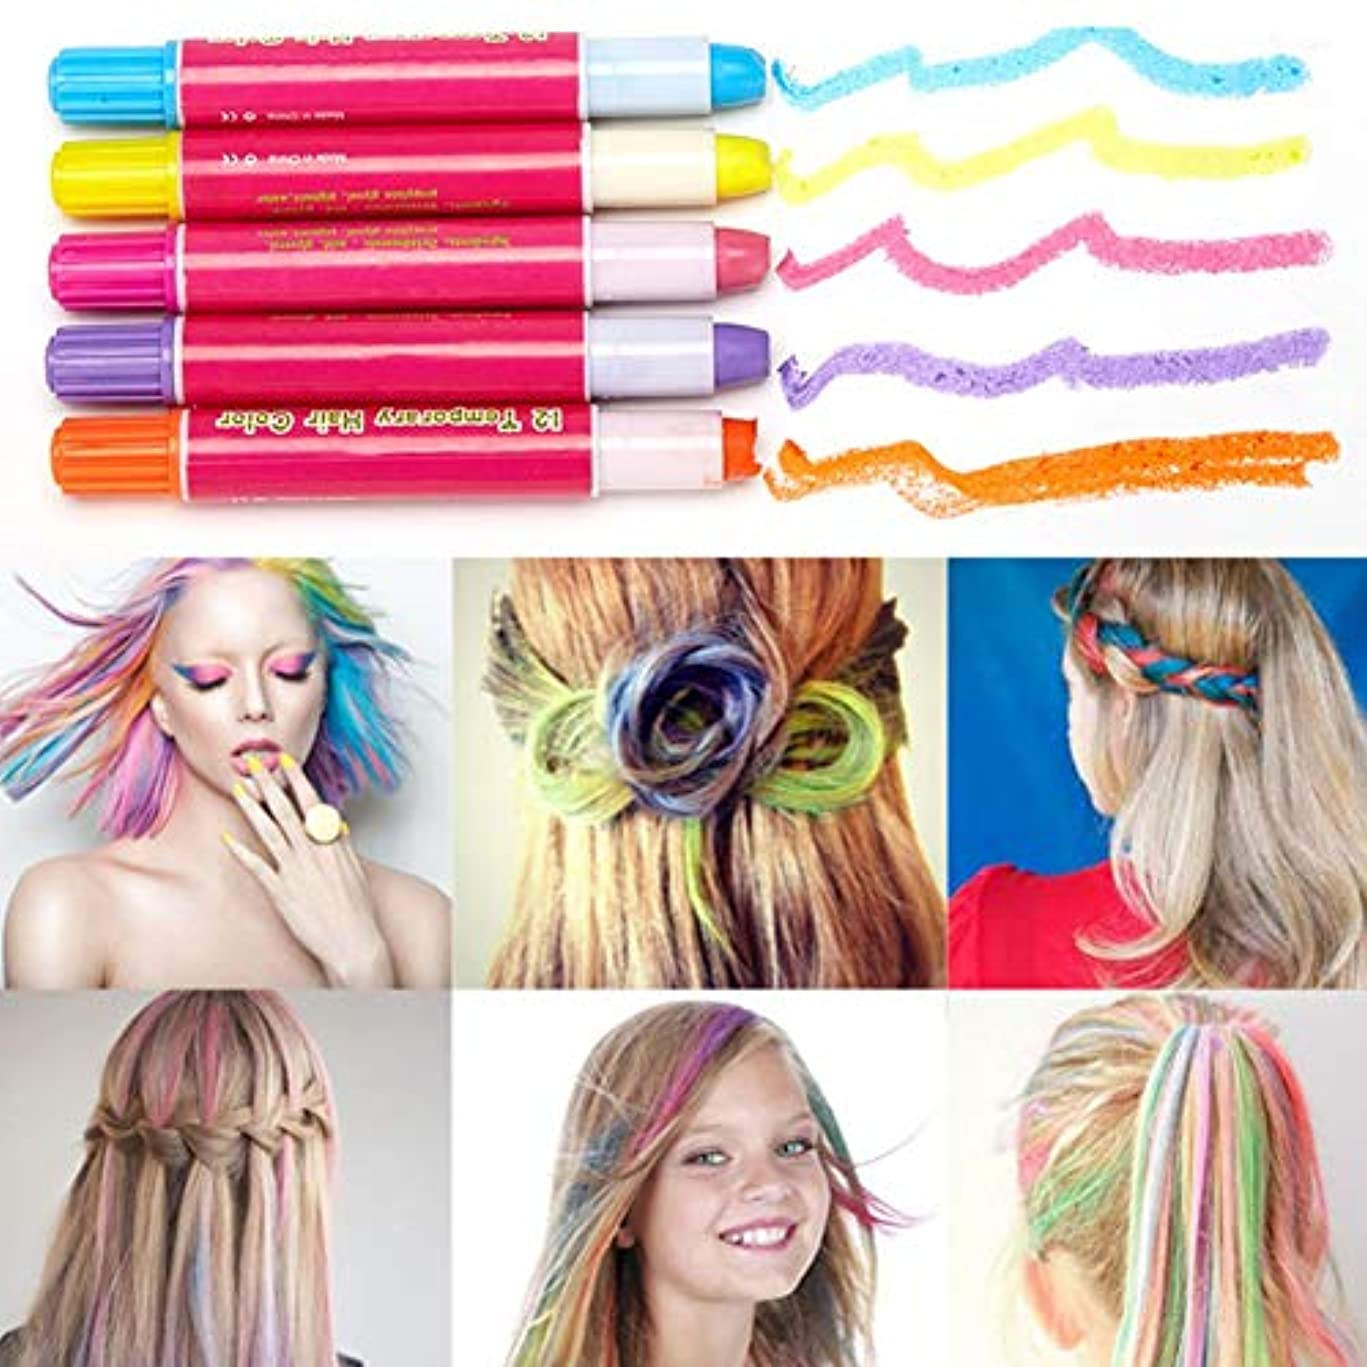 リース生面積ヘアチョーク ヘアチョークペン おしゃれ染め 一時的の髪染め簡易髪染 スティック ヘアダイペン 12色 クレヨンセット Cutelove